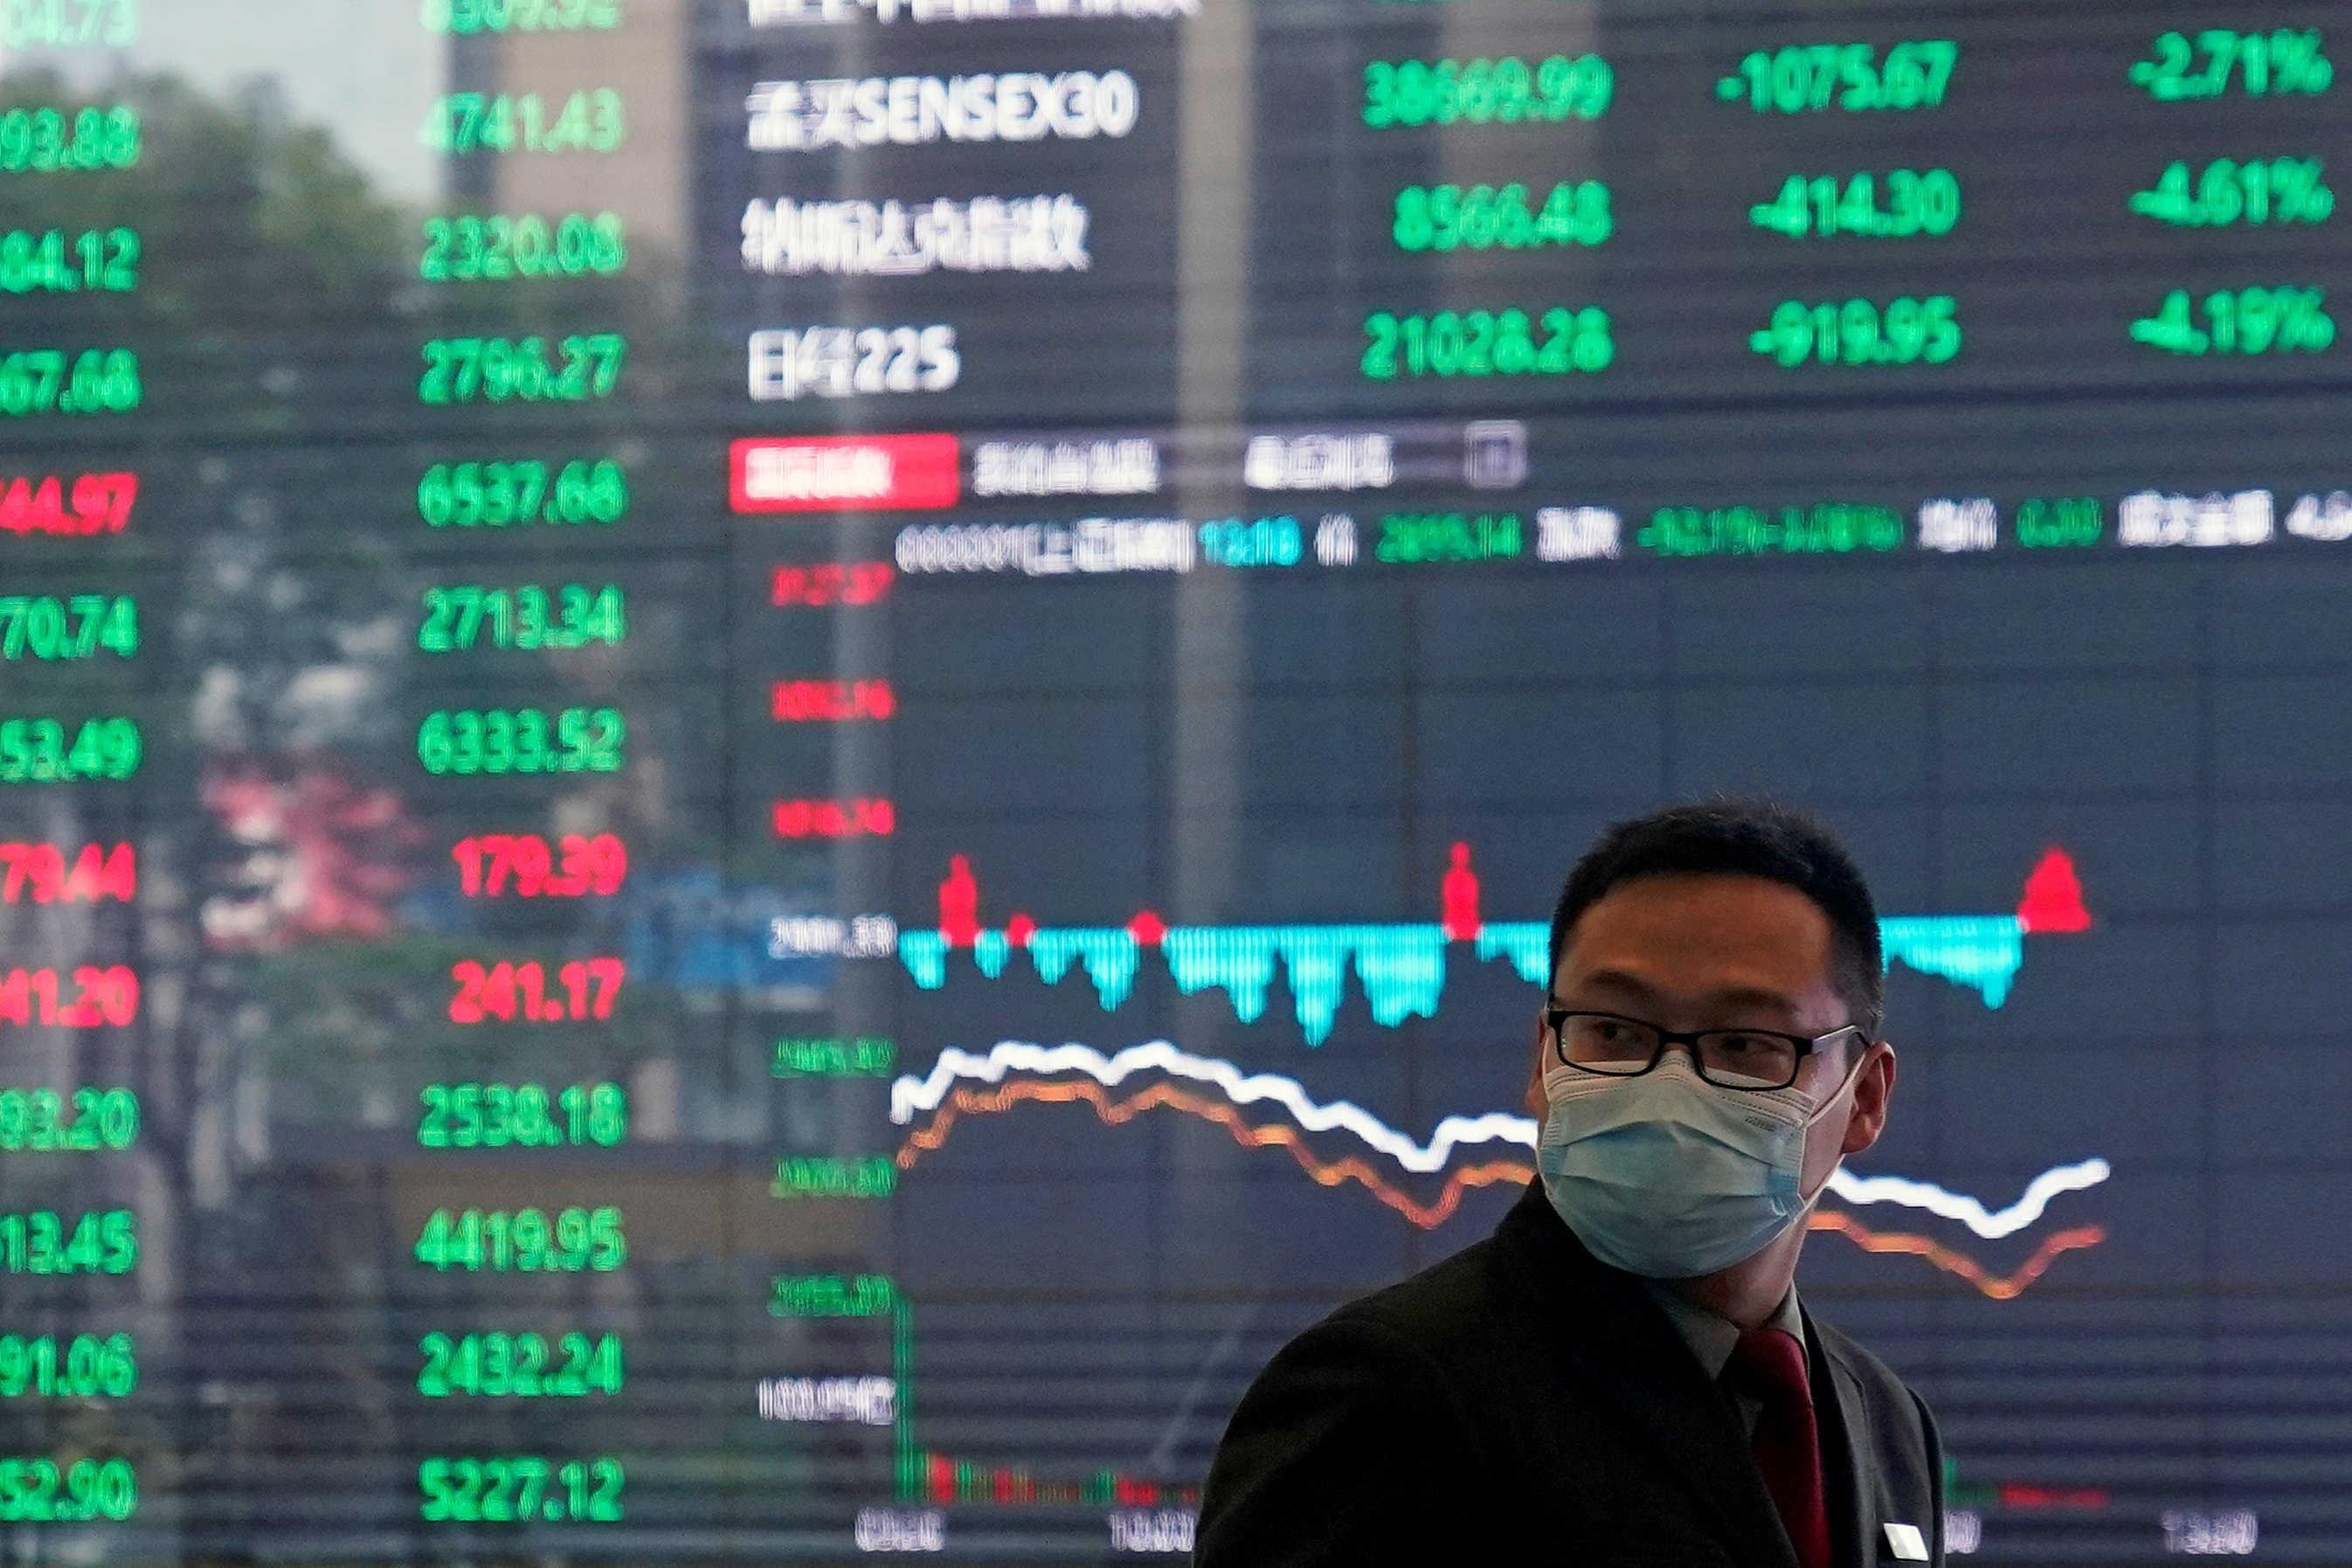 المكتب الوطني للإحصاء في الصين: خلال تشرين الأول/أوكتوبر ارتفع الناتج الصناعي ذو القيمة المضافة 6.9% على أساس سنوي